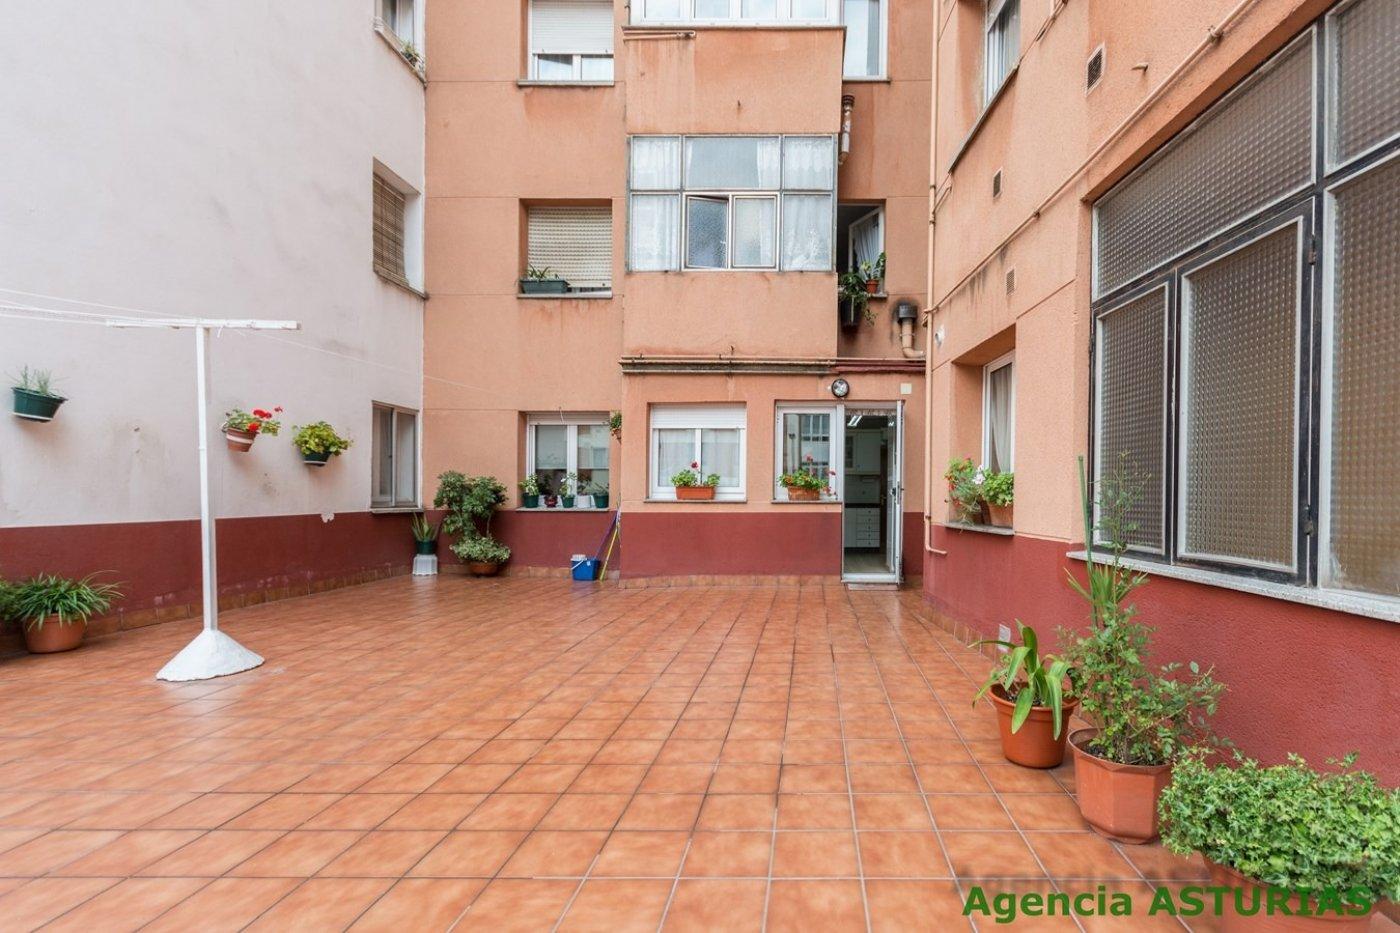 Piso con gran terraza listo para entrar - imagenInmueble34